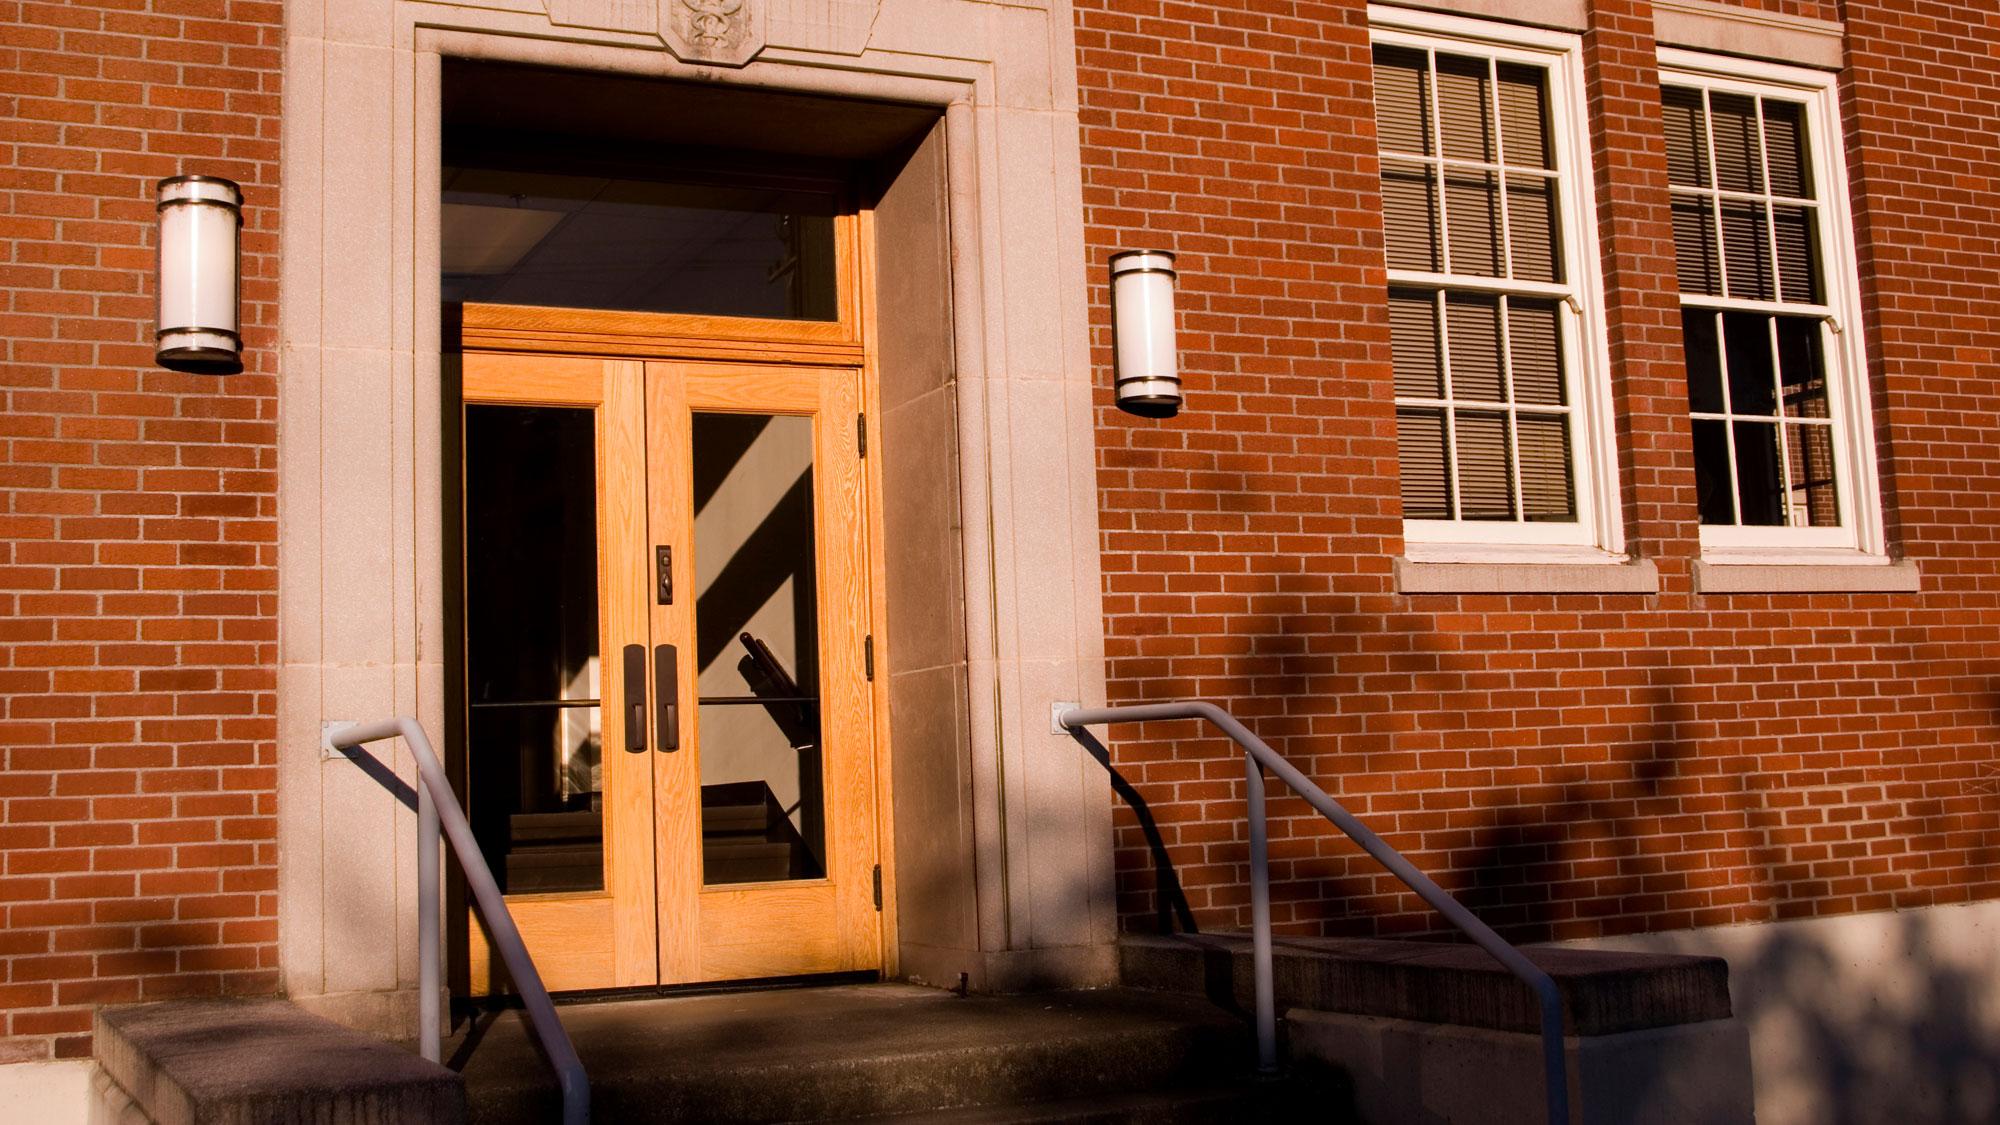 Some Halton Schools Unlock Doors As Part Of Job Action Sparking